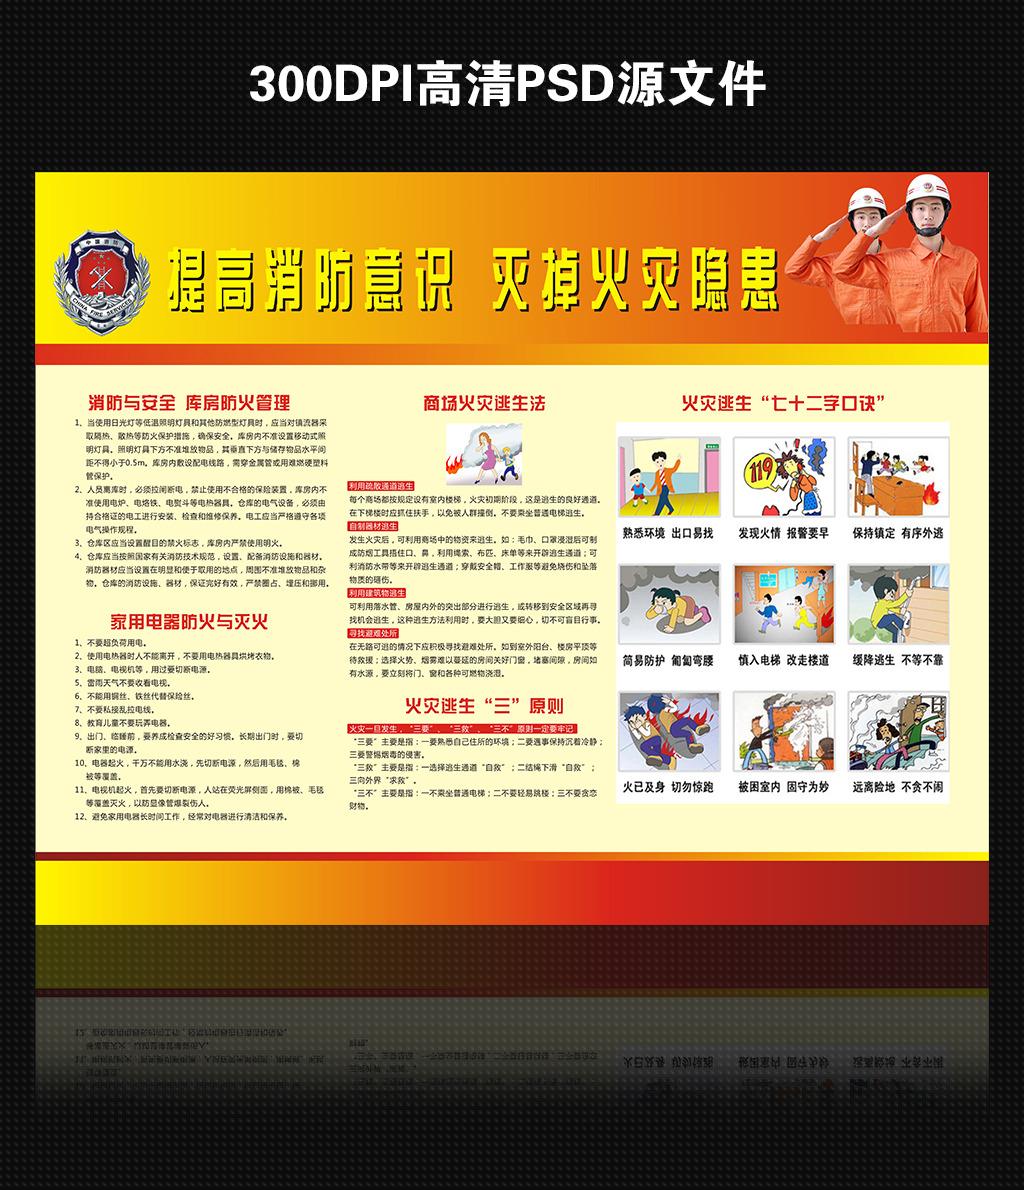 消防安全知识宣传展板模板下载